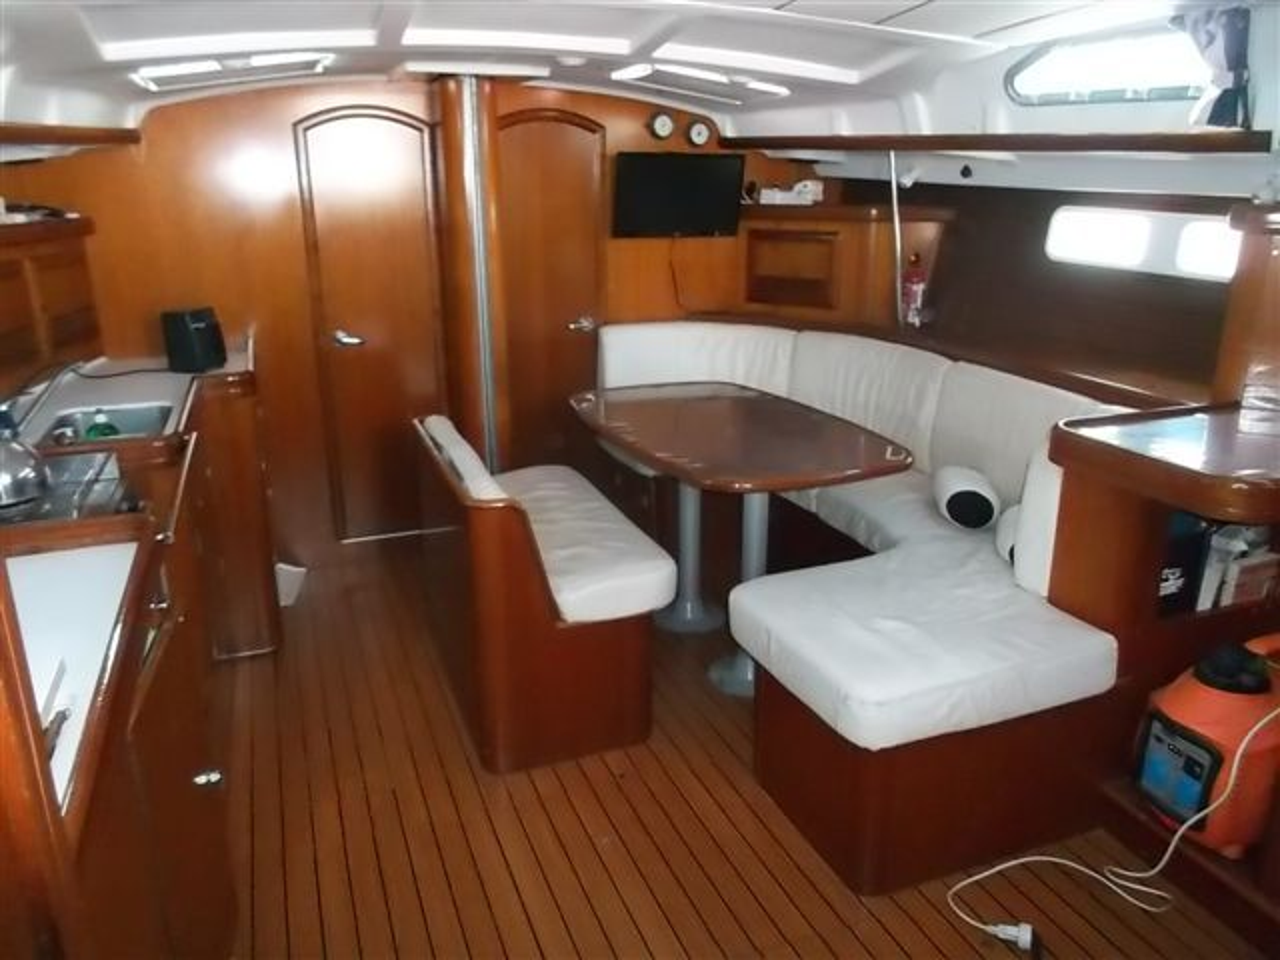 oceanis 473 clipper bateau voilier beneteau bateau occasion philibert plaisance. Black Bedroom Furniture Sets. Home Design Ideas